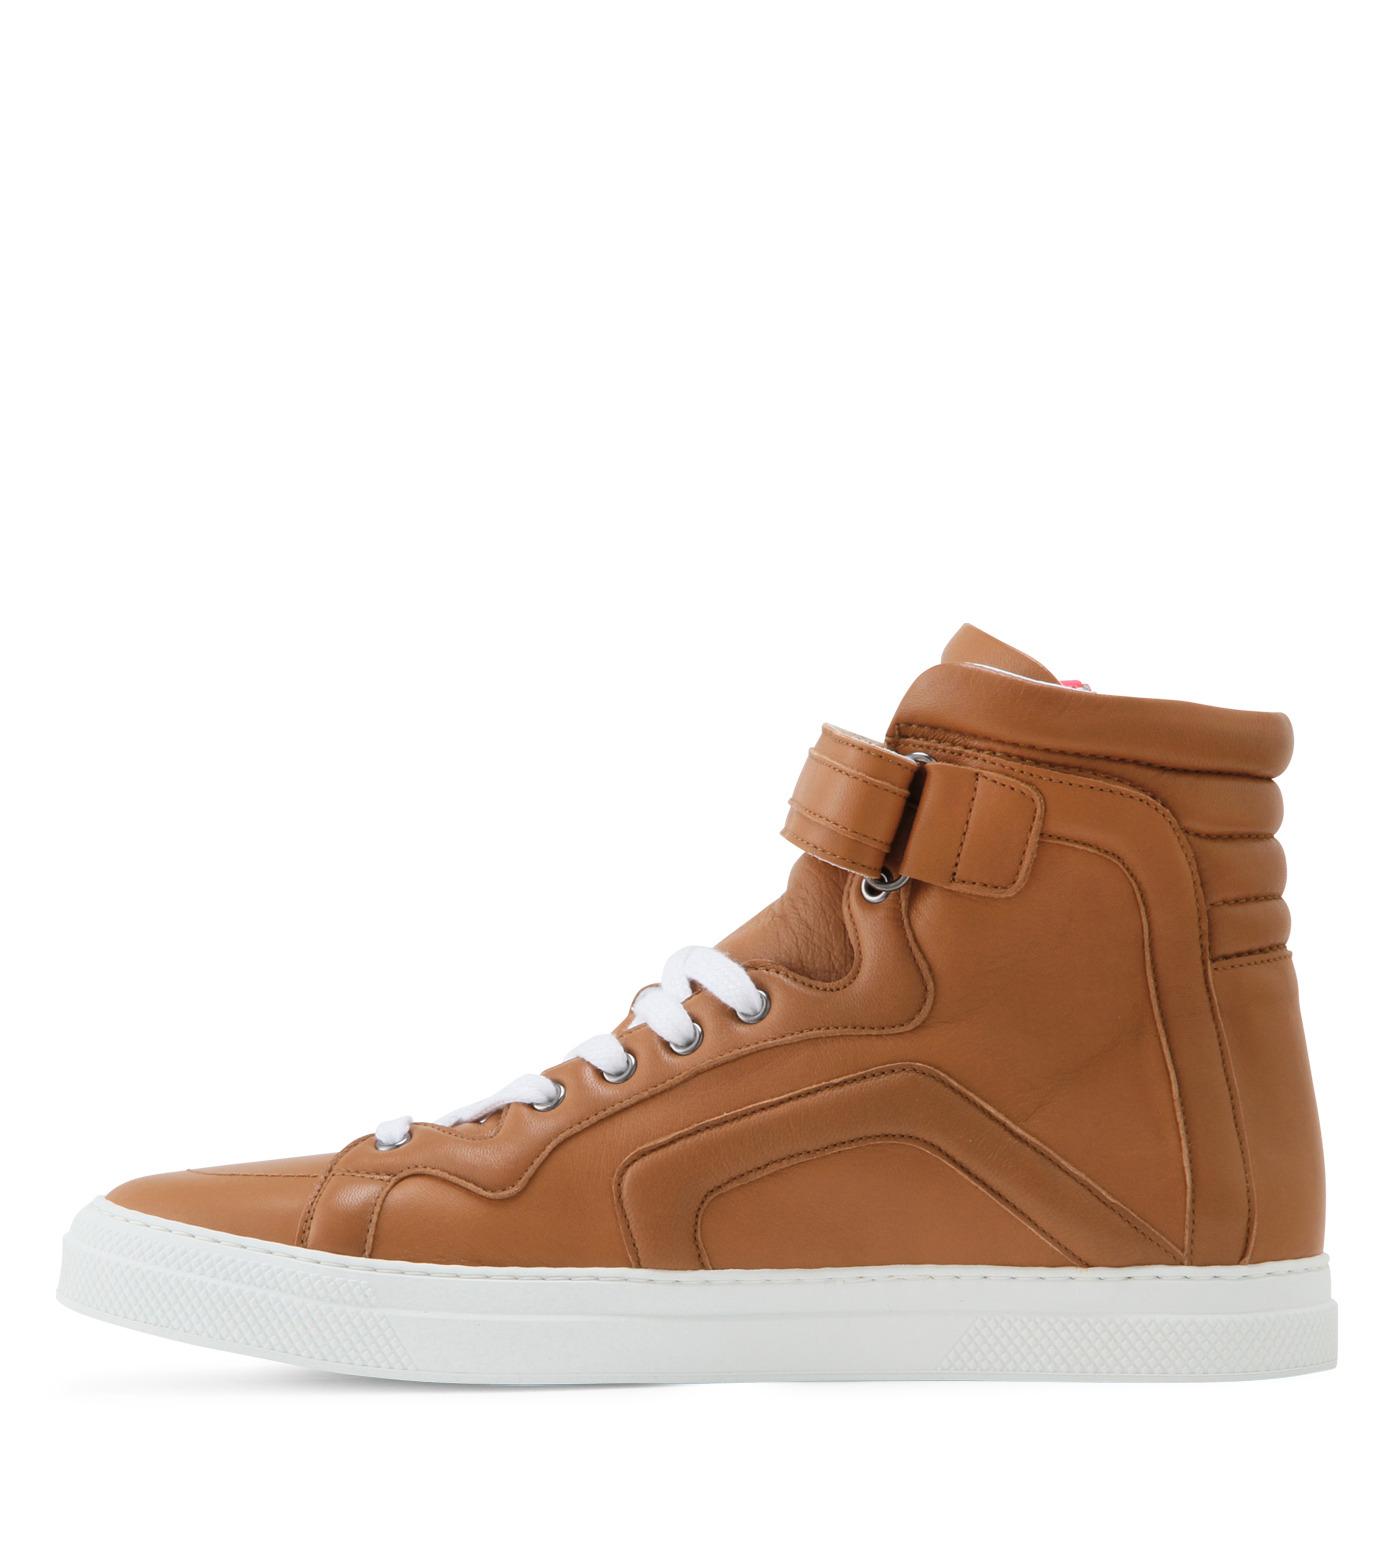 Pierre Hardy(ピエール アルディ)のSide zip sneaker-LIGHT BROWN-S3112NAPGUMC-41 拡大詳細画像2